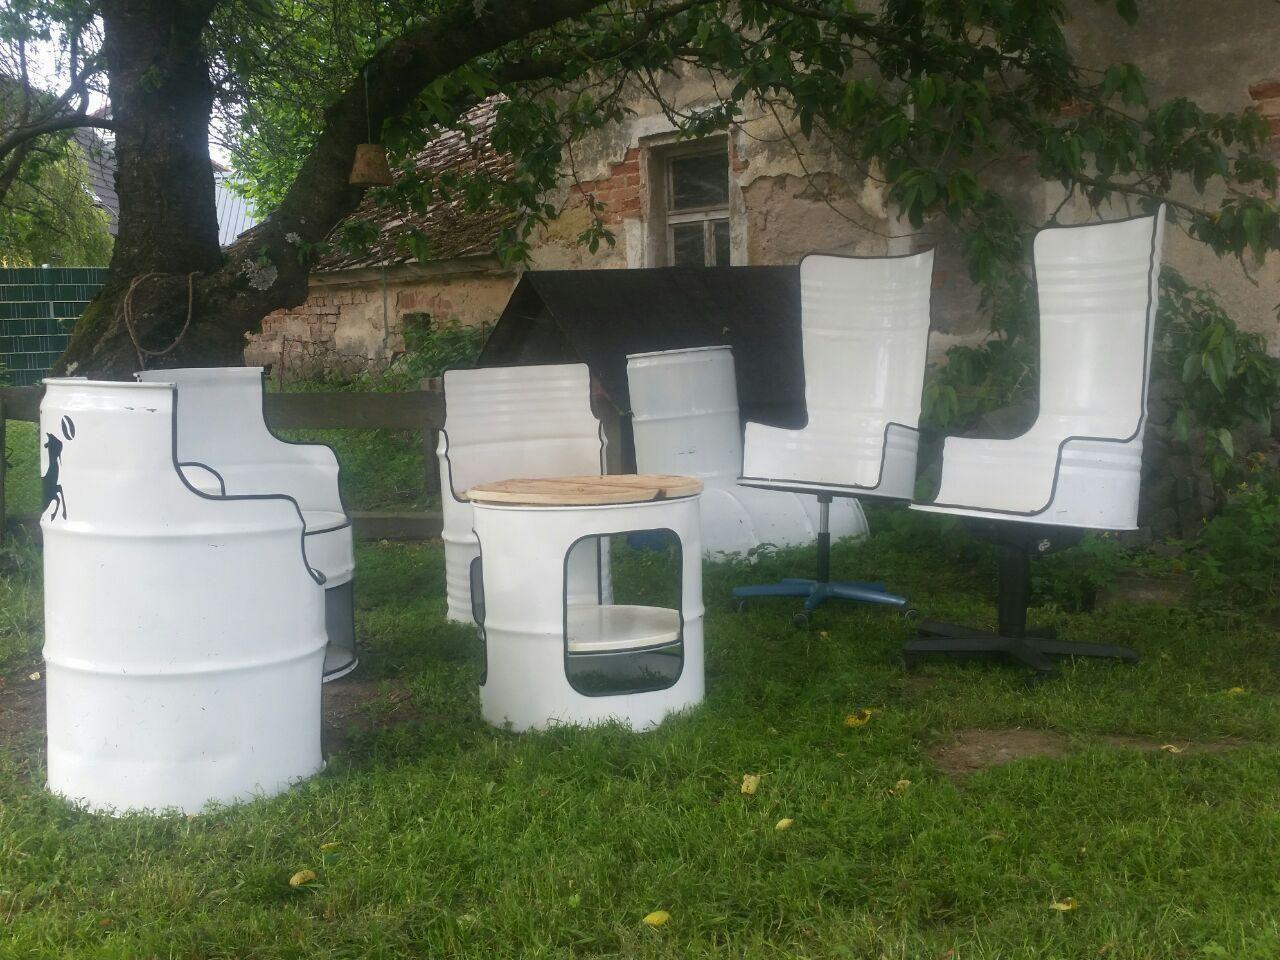 Mobel Im Fassdesign Stuhl Auf Wunsch Auch Tisch Waschbecken Ebay Fass Mobel Stuhle Waschbecken